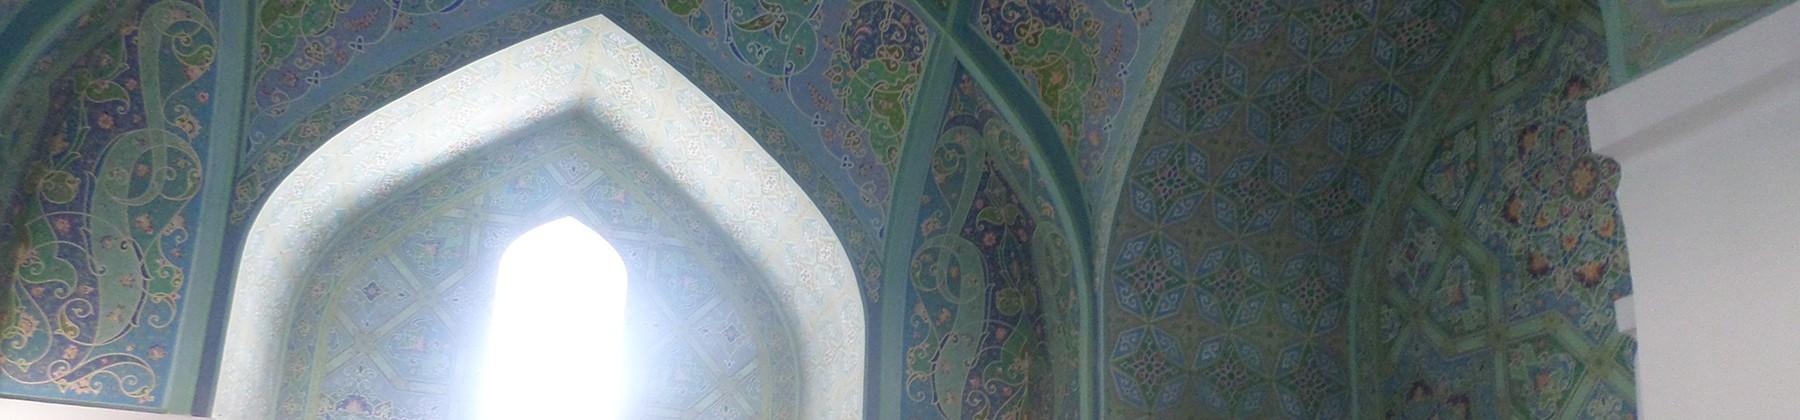 Namazgokh Mosque - 1